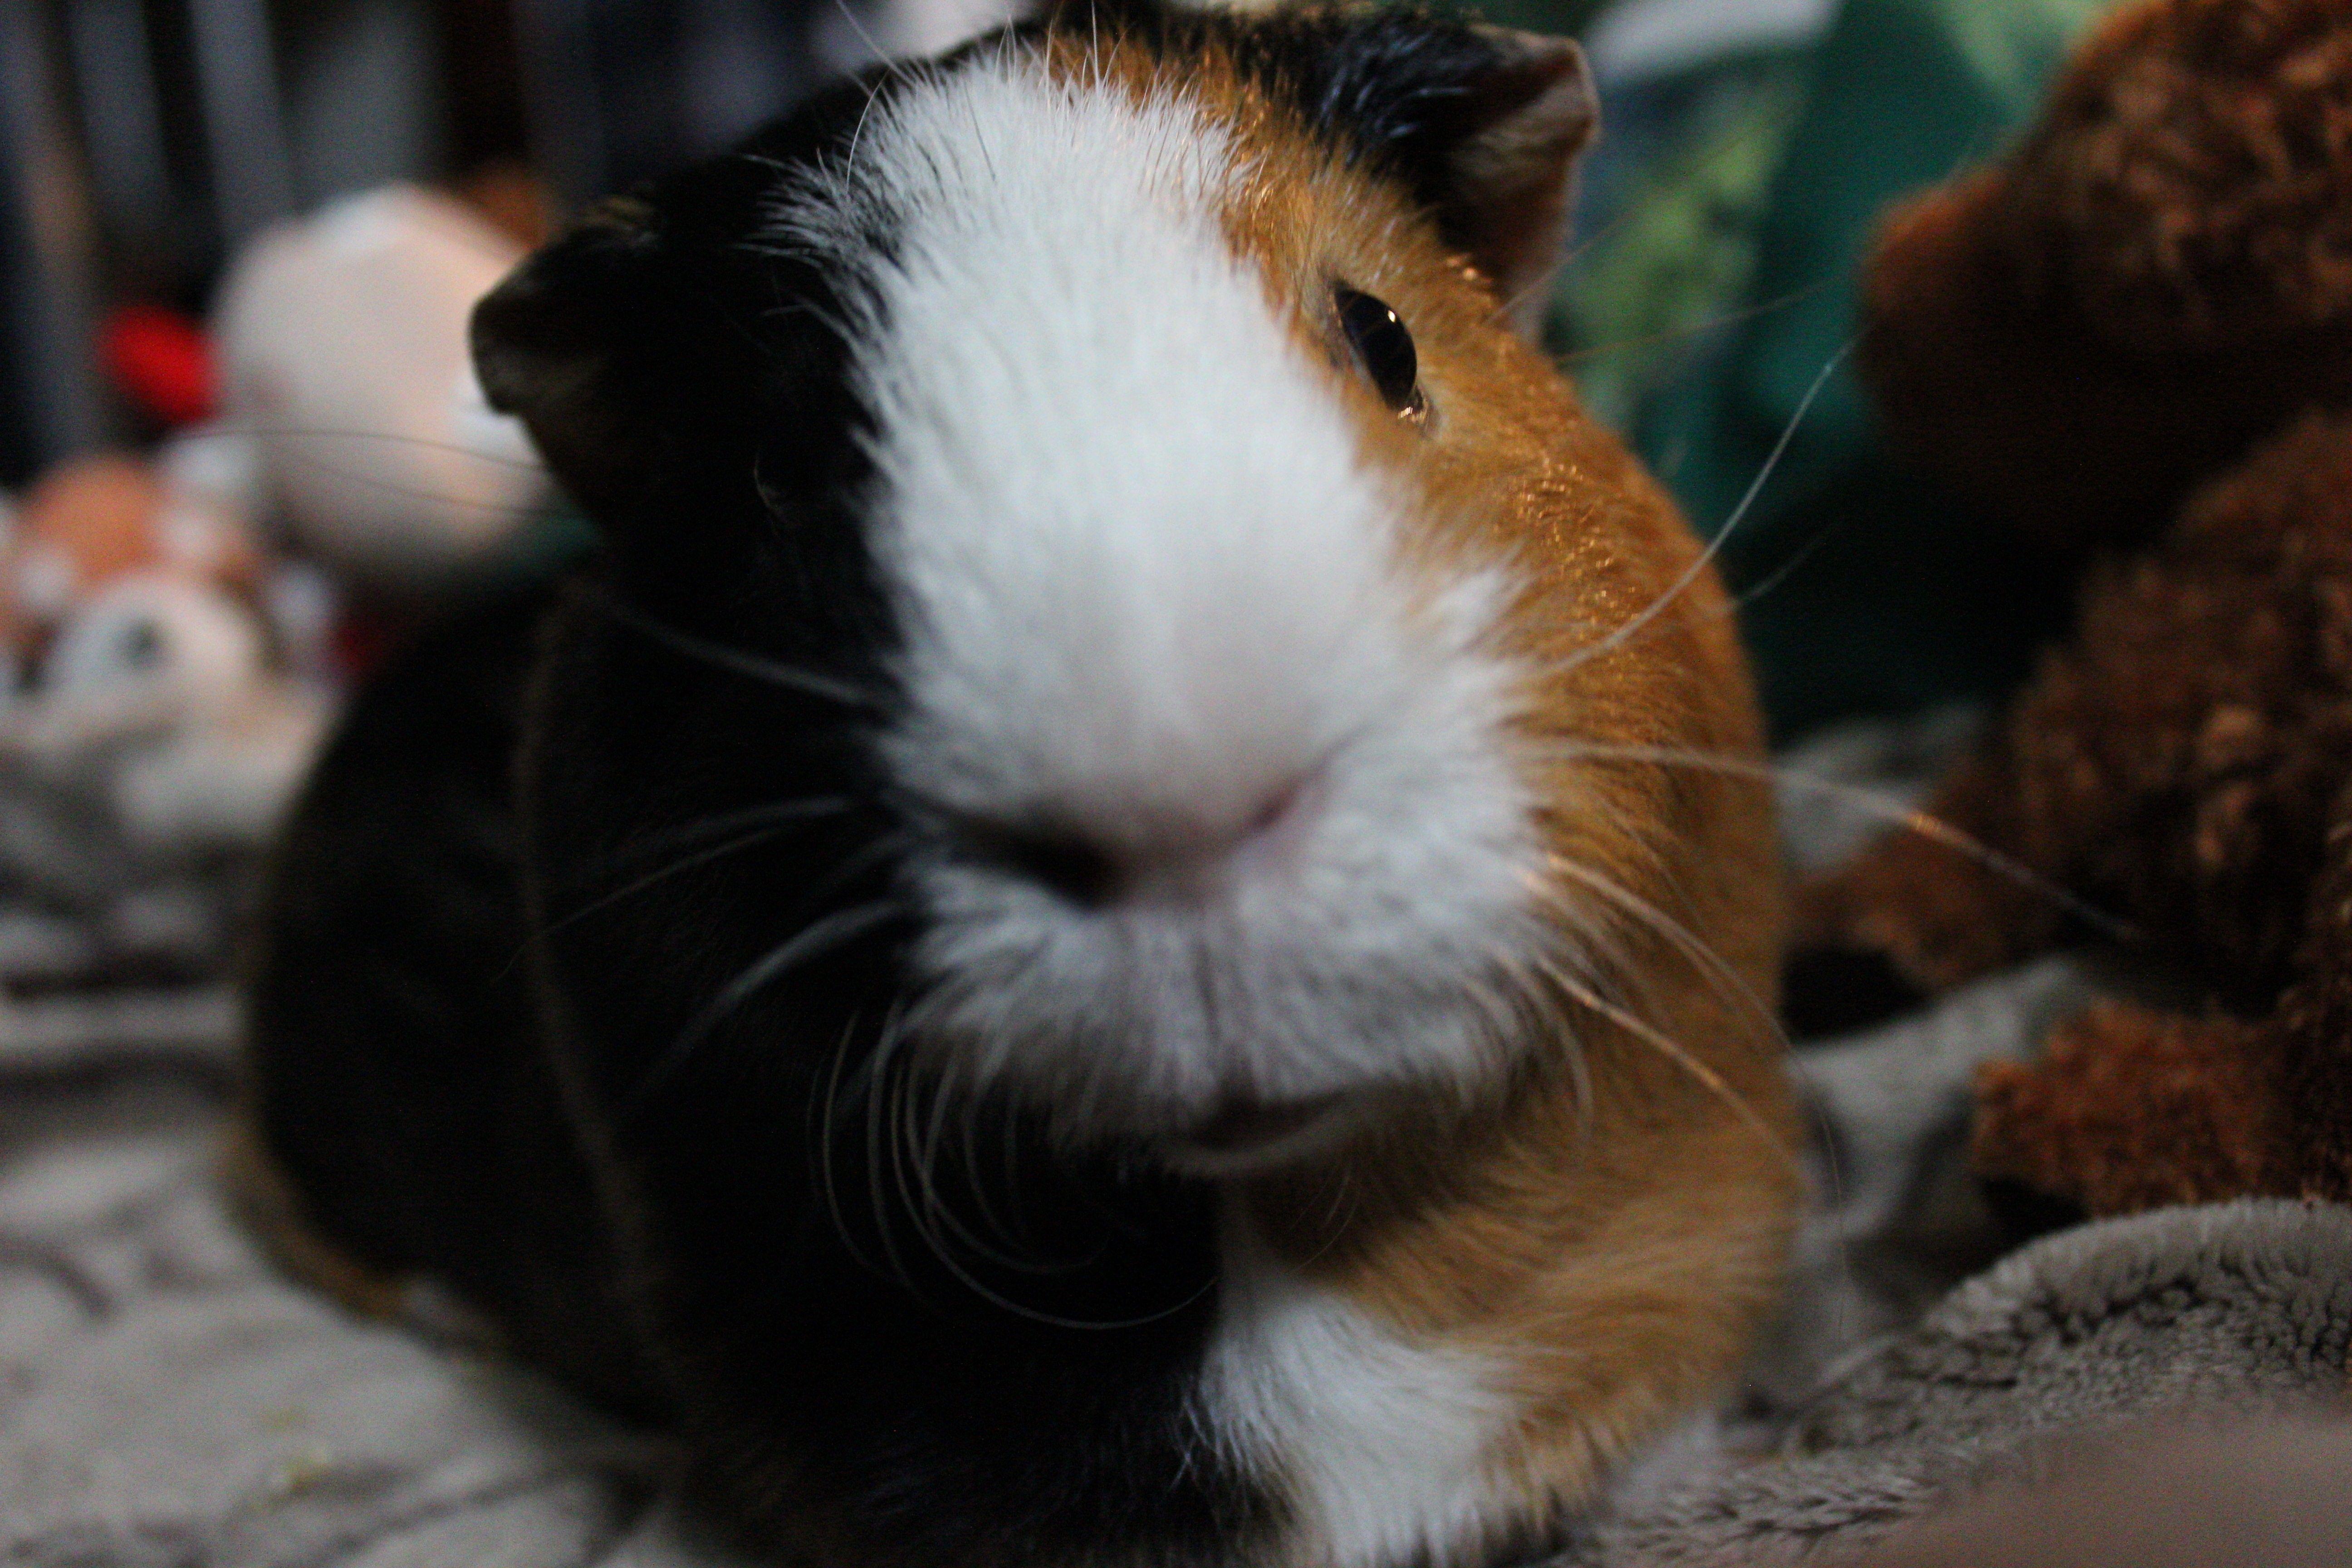 Rumpelstiltskin the Guinea Pig #guinea pig #cute #pets #animals #photography